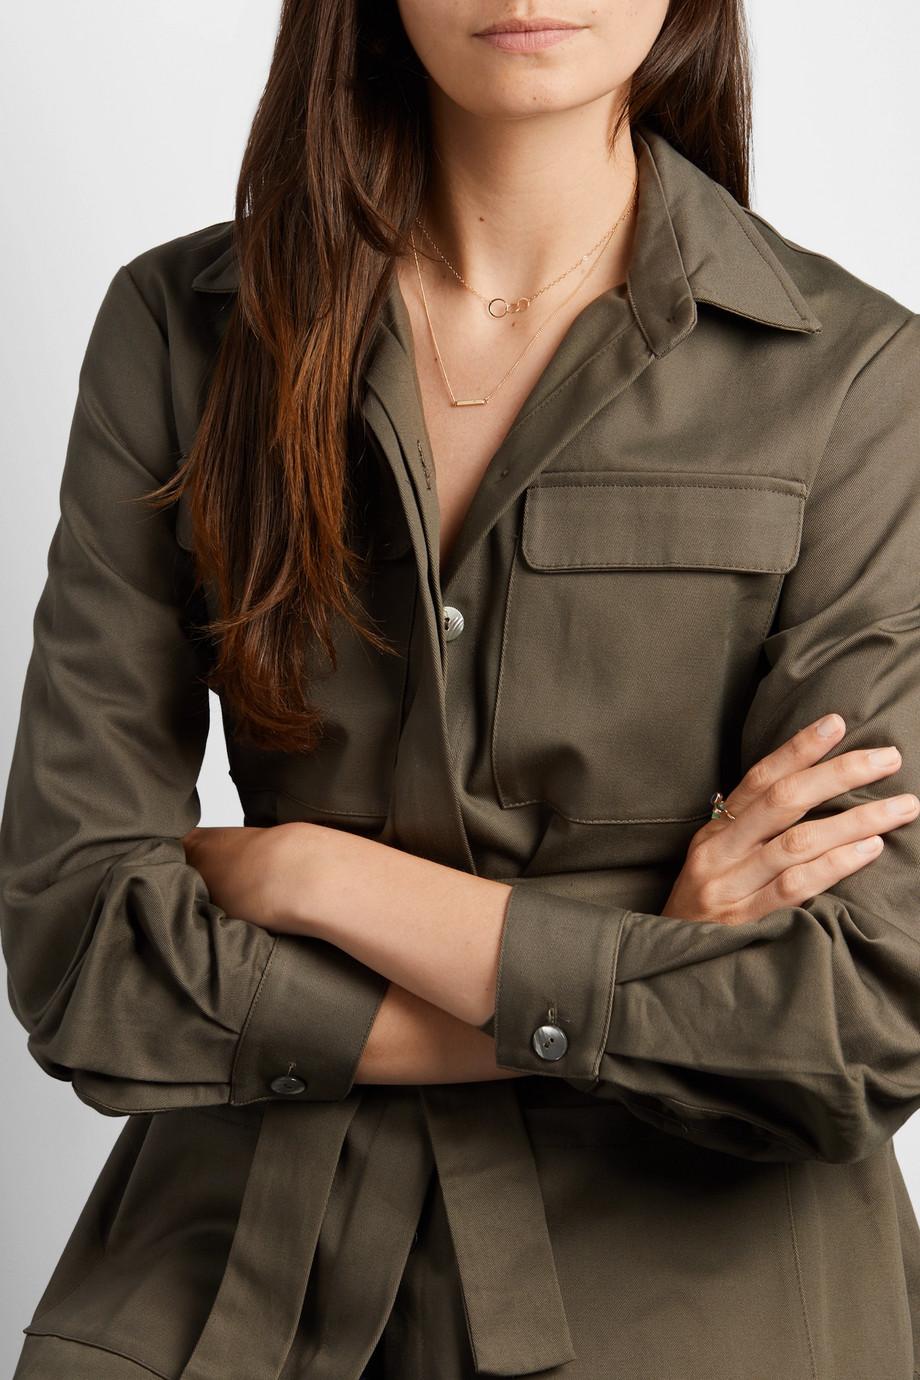 Melissa Joy Manning + NET SUSTAIN 14-karat gold diamond necklace